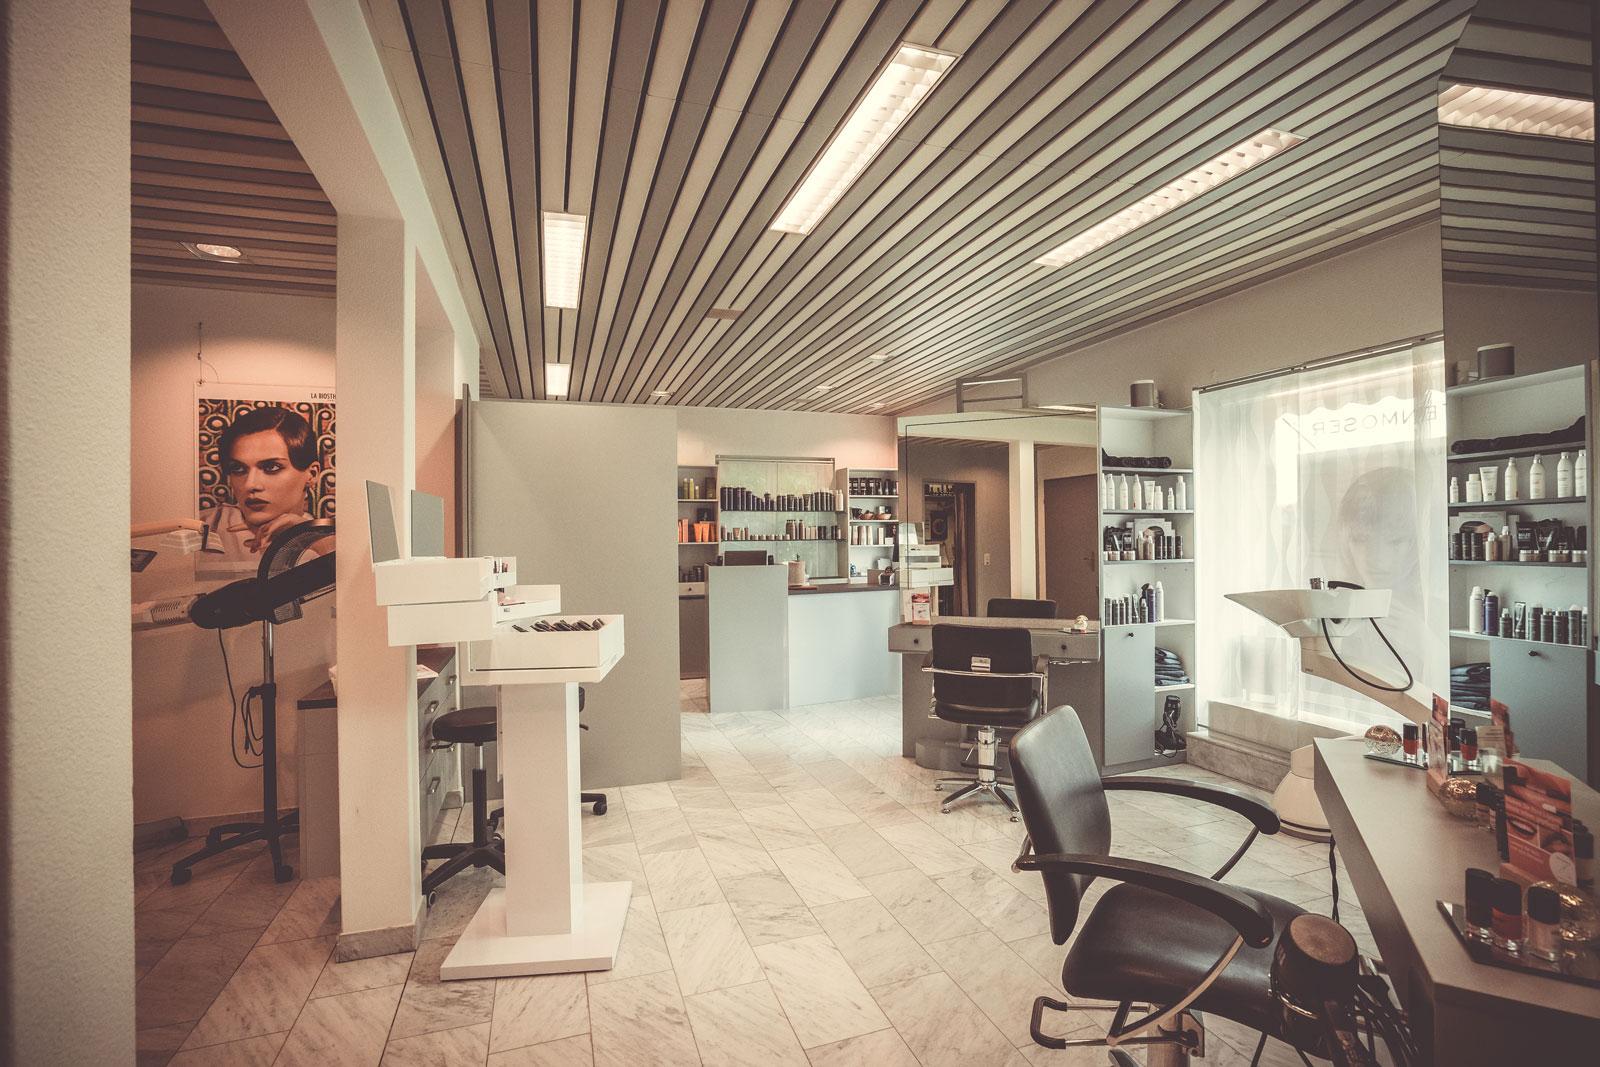 Salon_02.jpg